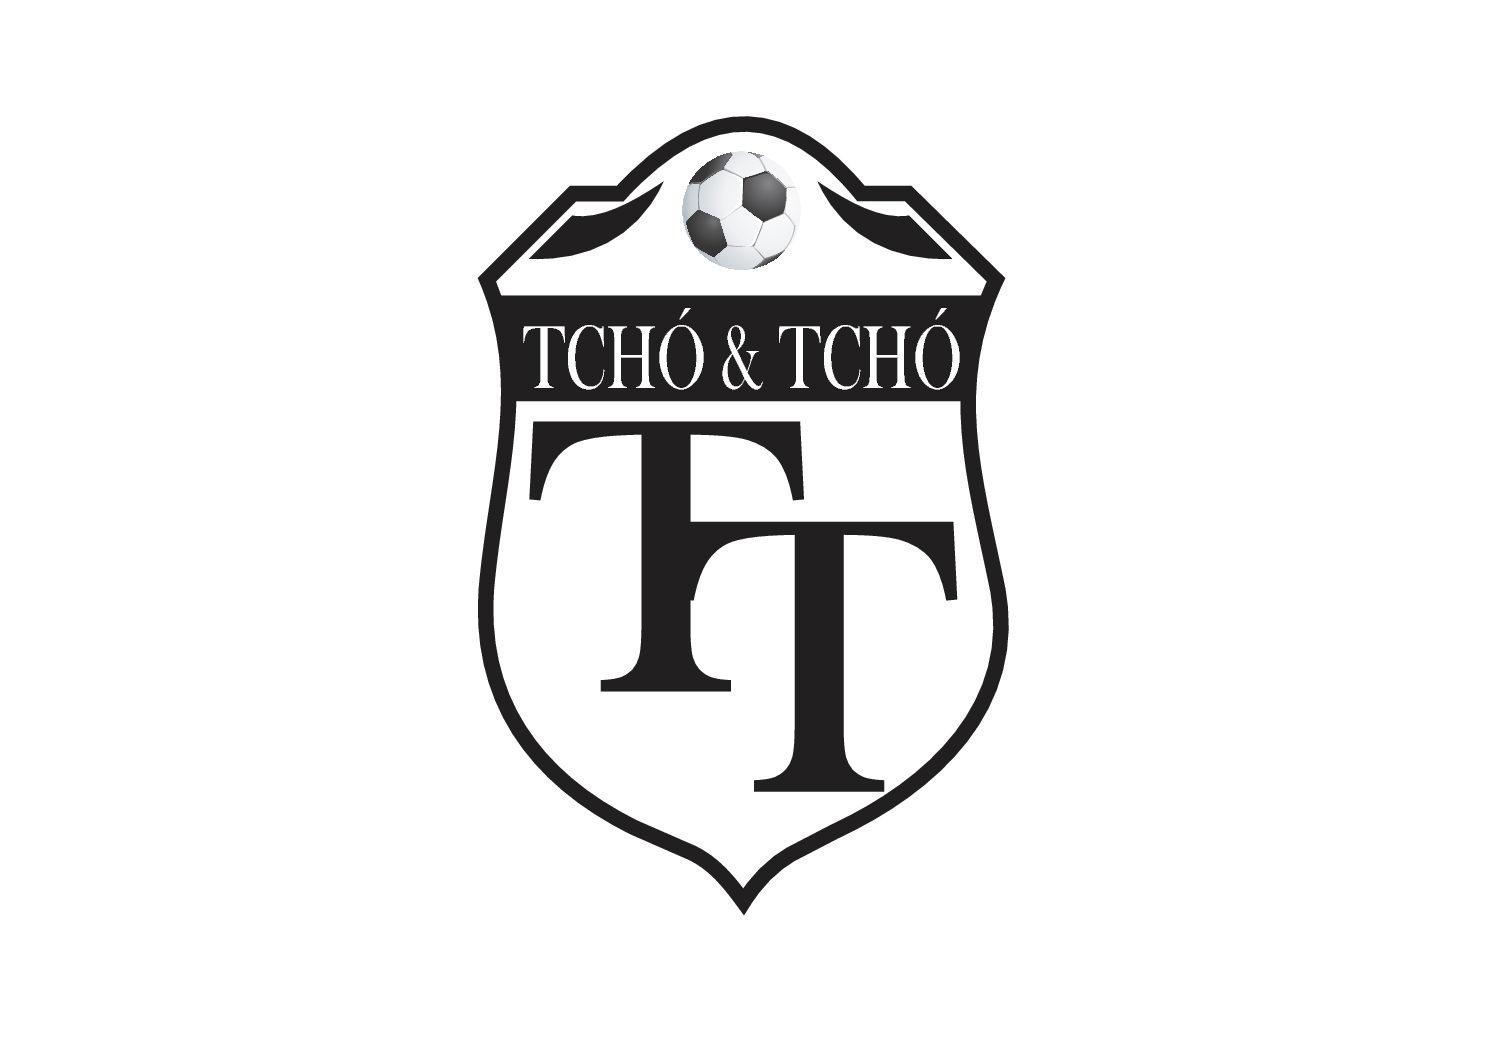 CAMISETAS PERSONALIZADAS PARA EQUIPE DO TCHÓ&TCHÓ DA CIDADE DE TAPERA/RS.